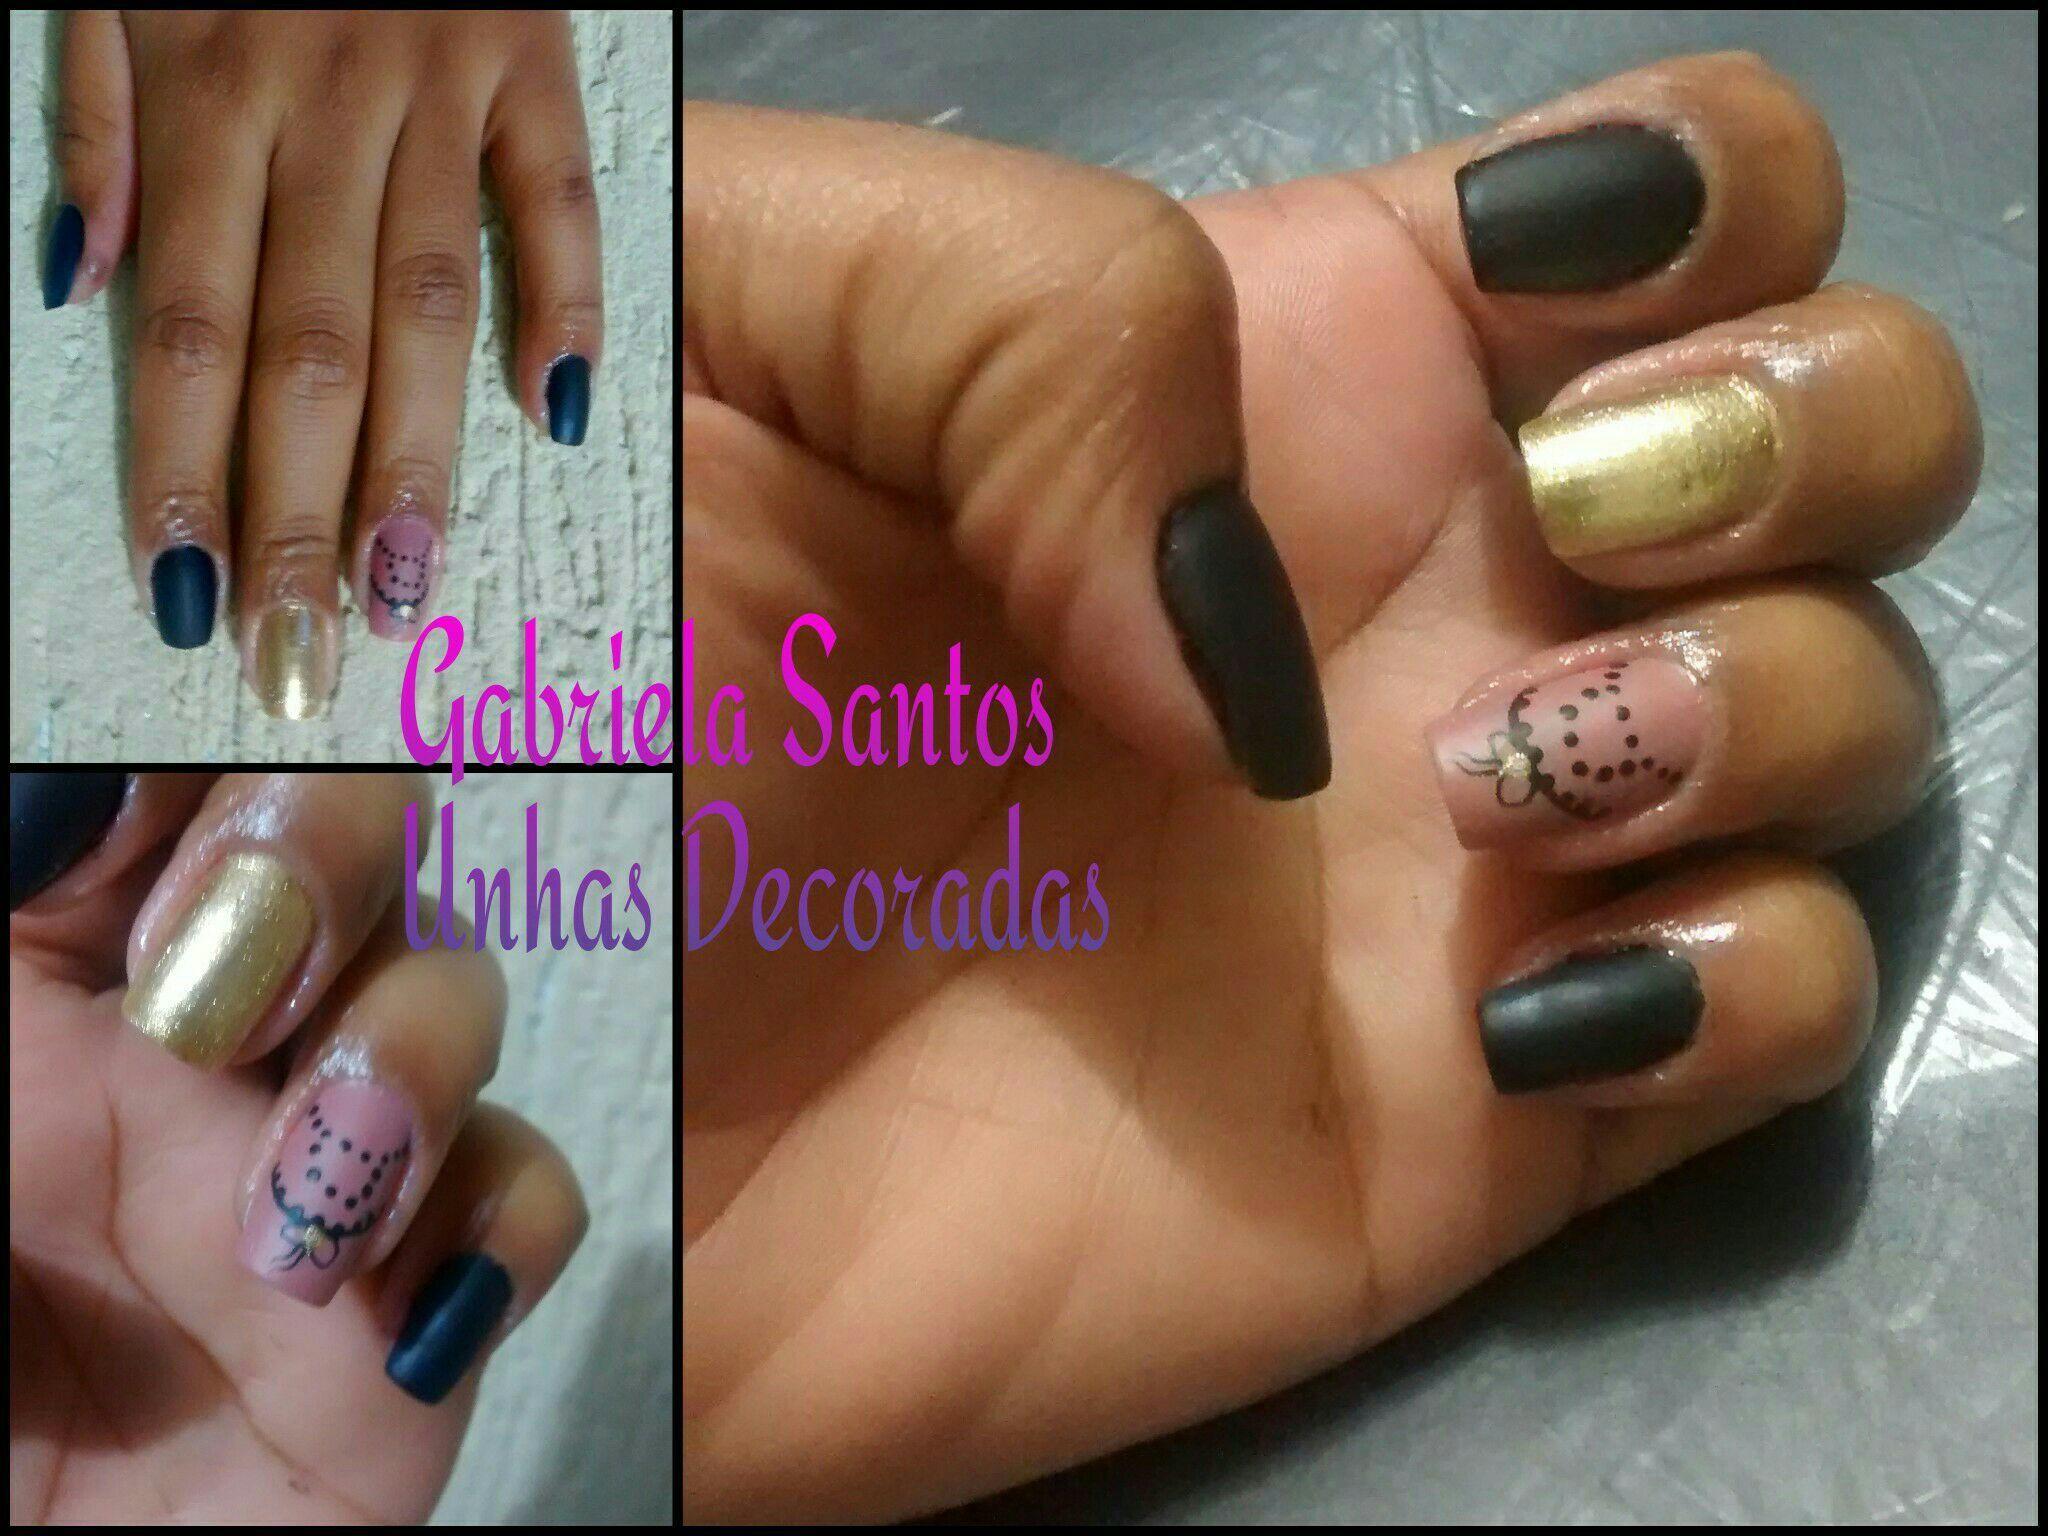 #UnhasDecoradas #Laço com Bolinha #NailArt  #DecoradaaMão #Esmalte manicure e pedicure